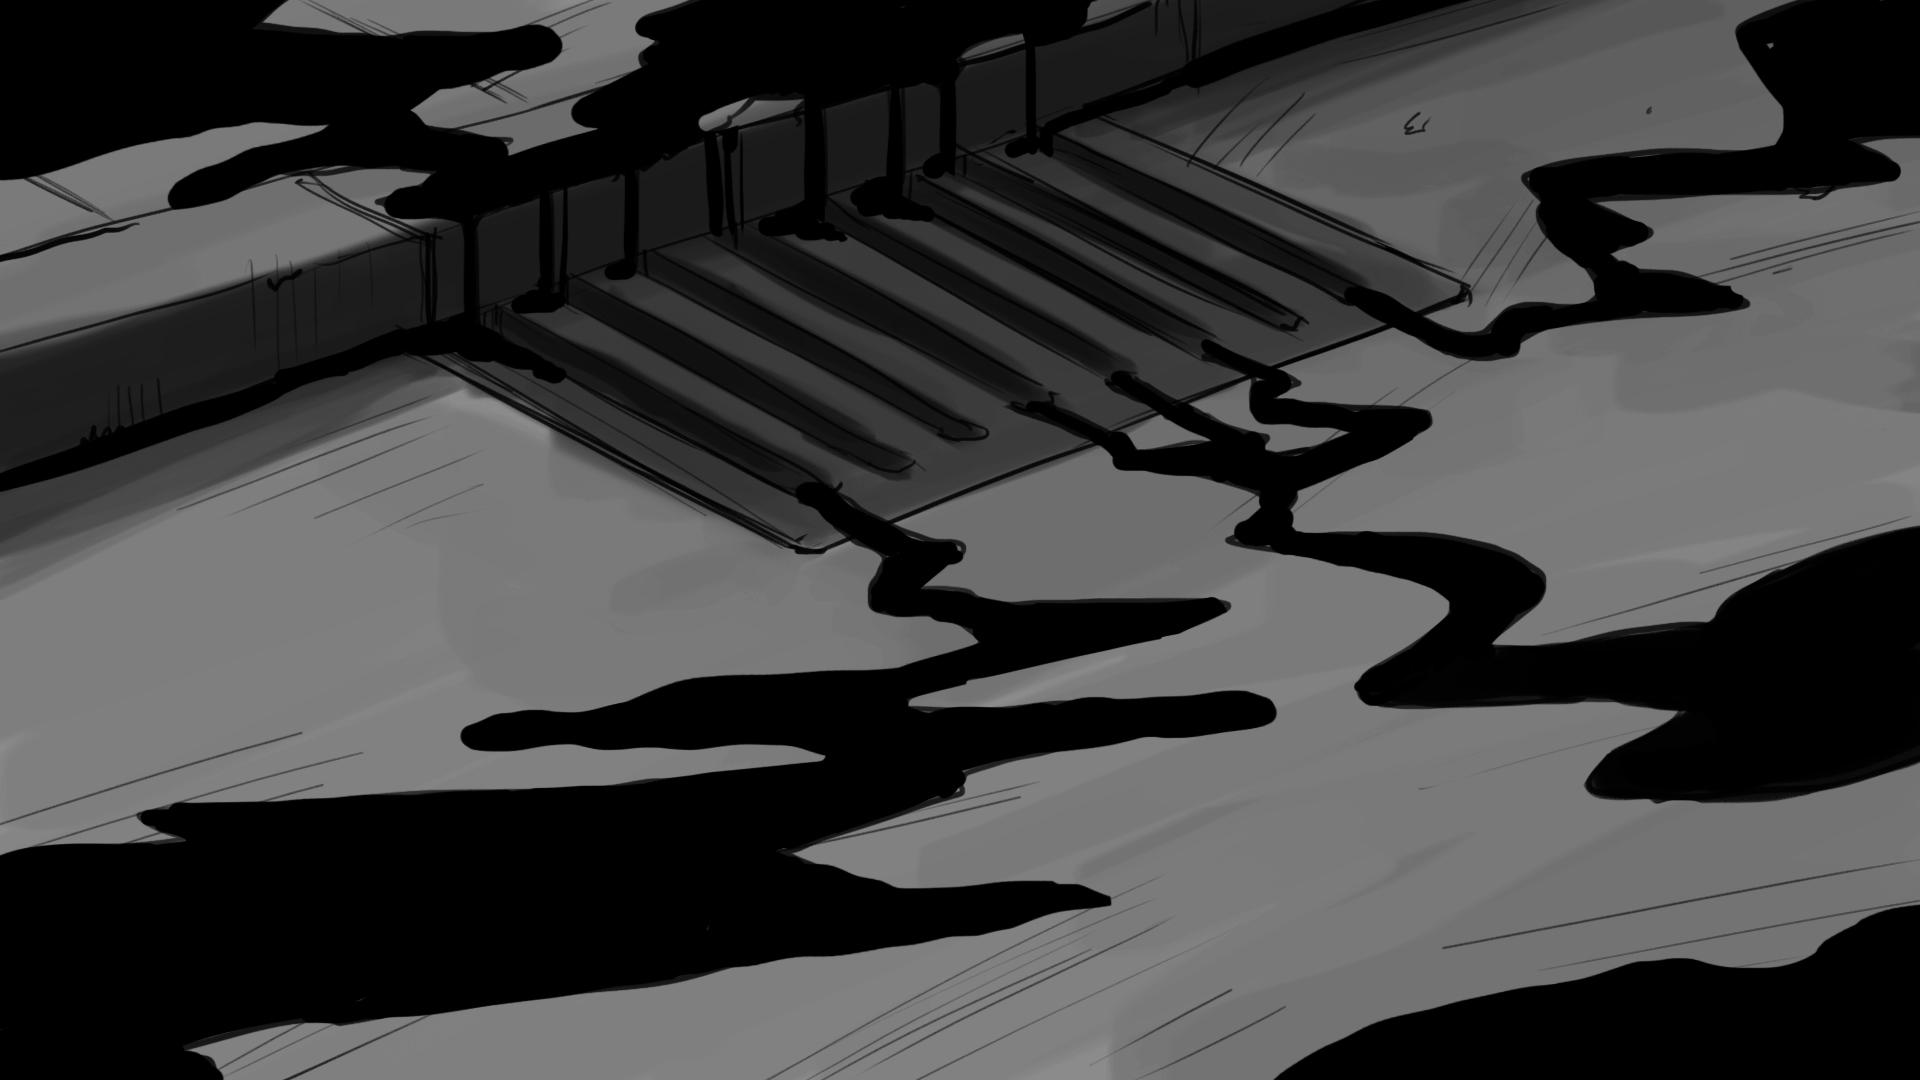 HANS_storyboard_EXTRAS_001.jpg